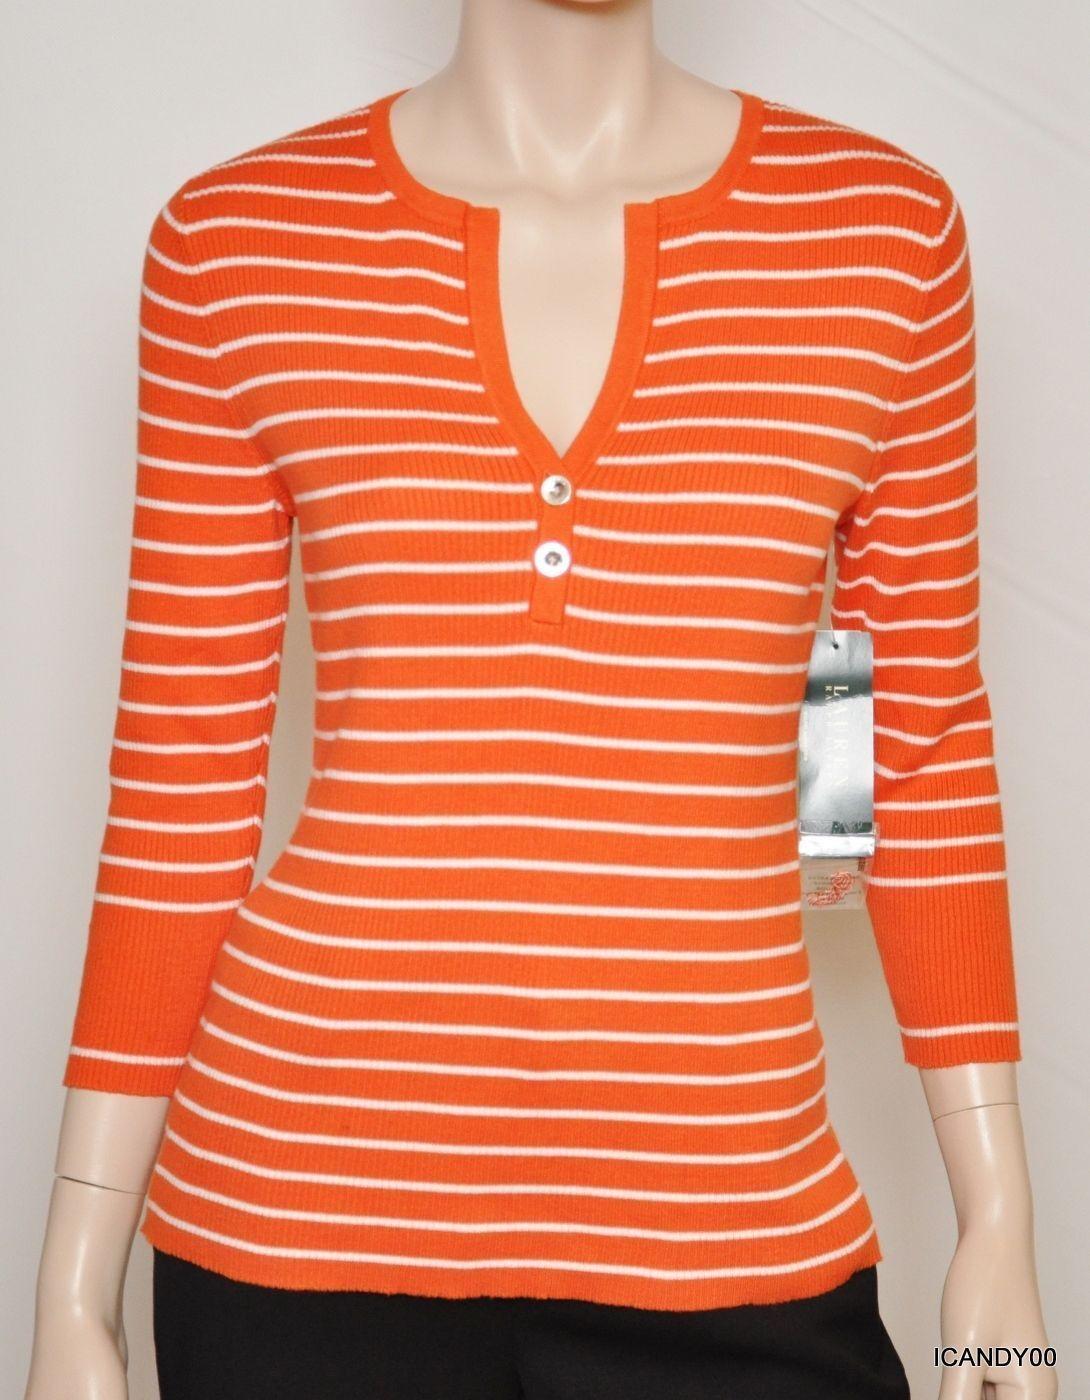 Nwt  Lauren by Ralph Lauren KERWYN Striped Cotton Henley Sweater Top orange L